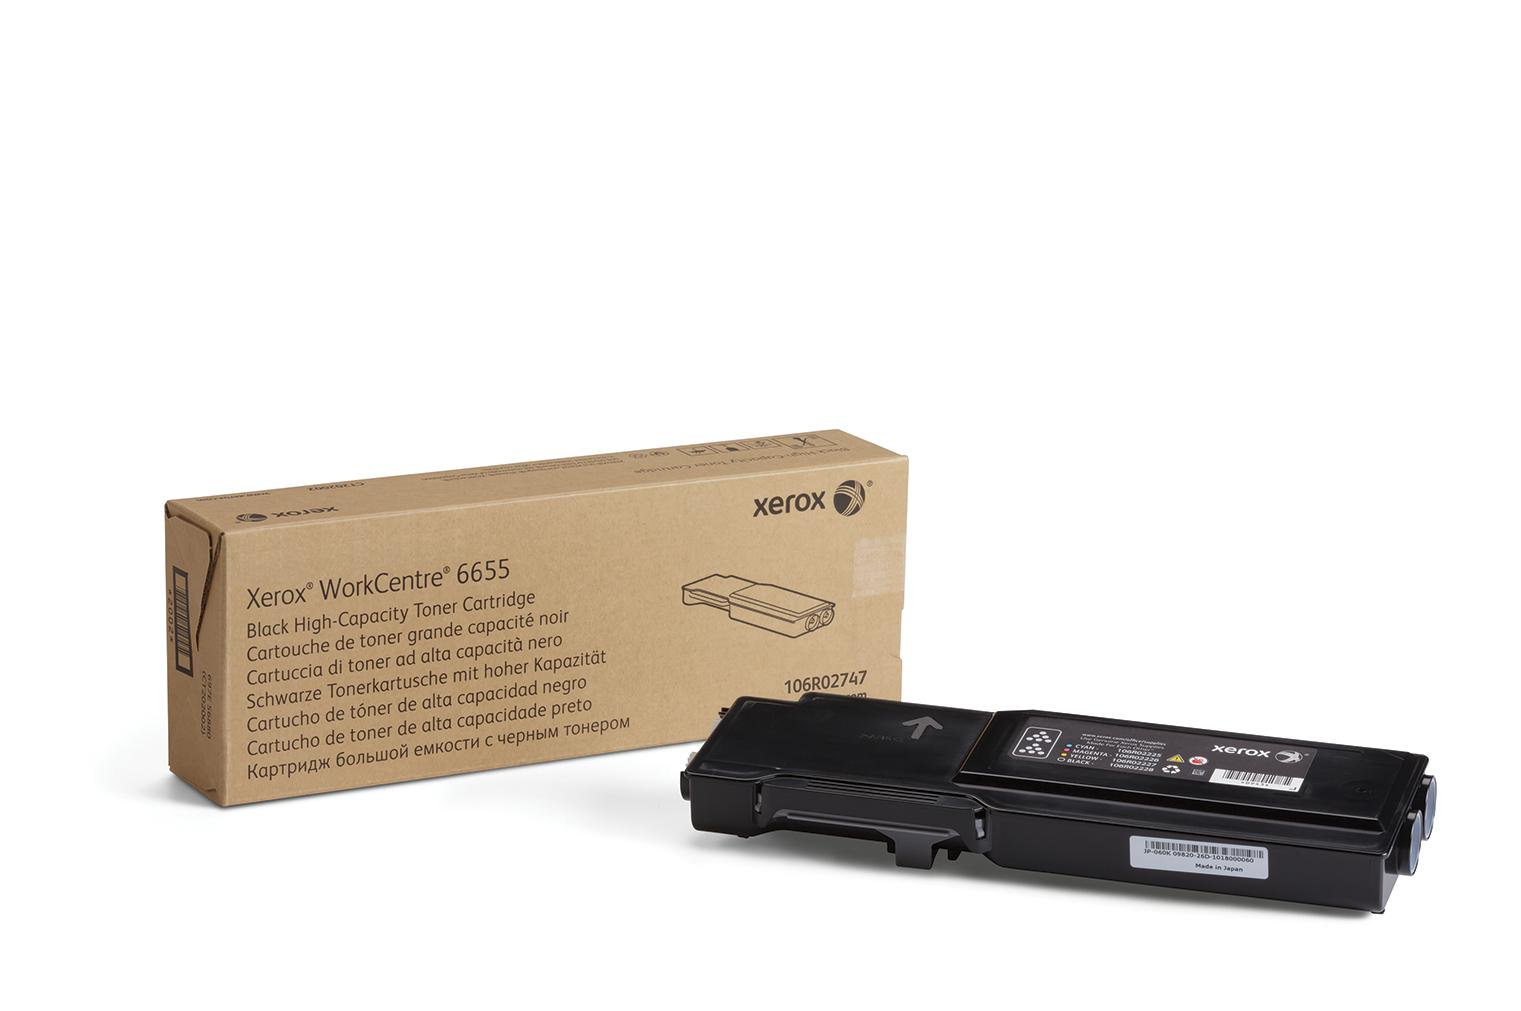 Xerox Workcentre 6655, Cartucho De Tóner Negro De Gran Capacidad (11.000 Páginas)